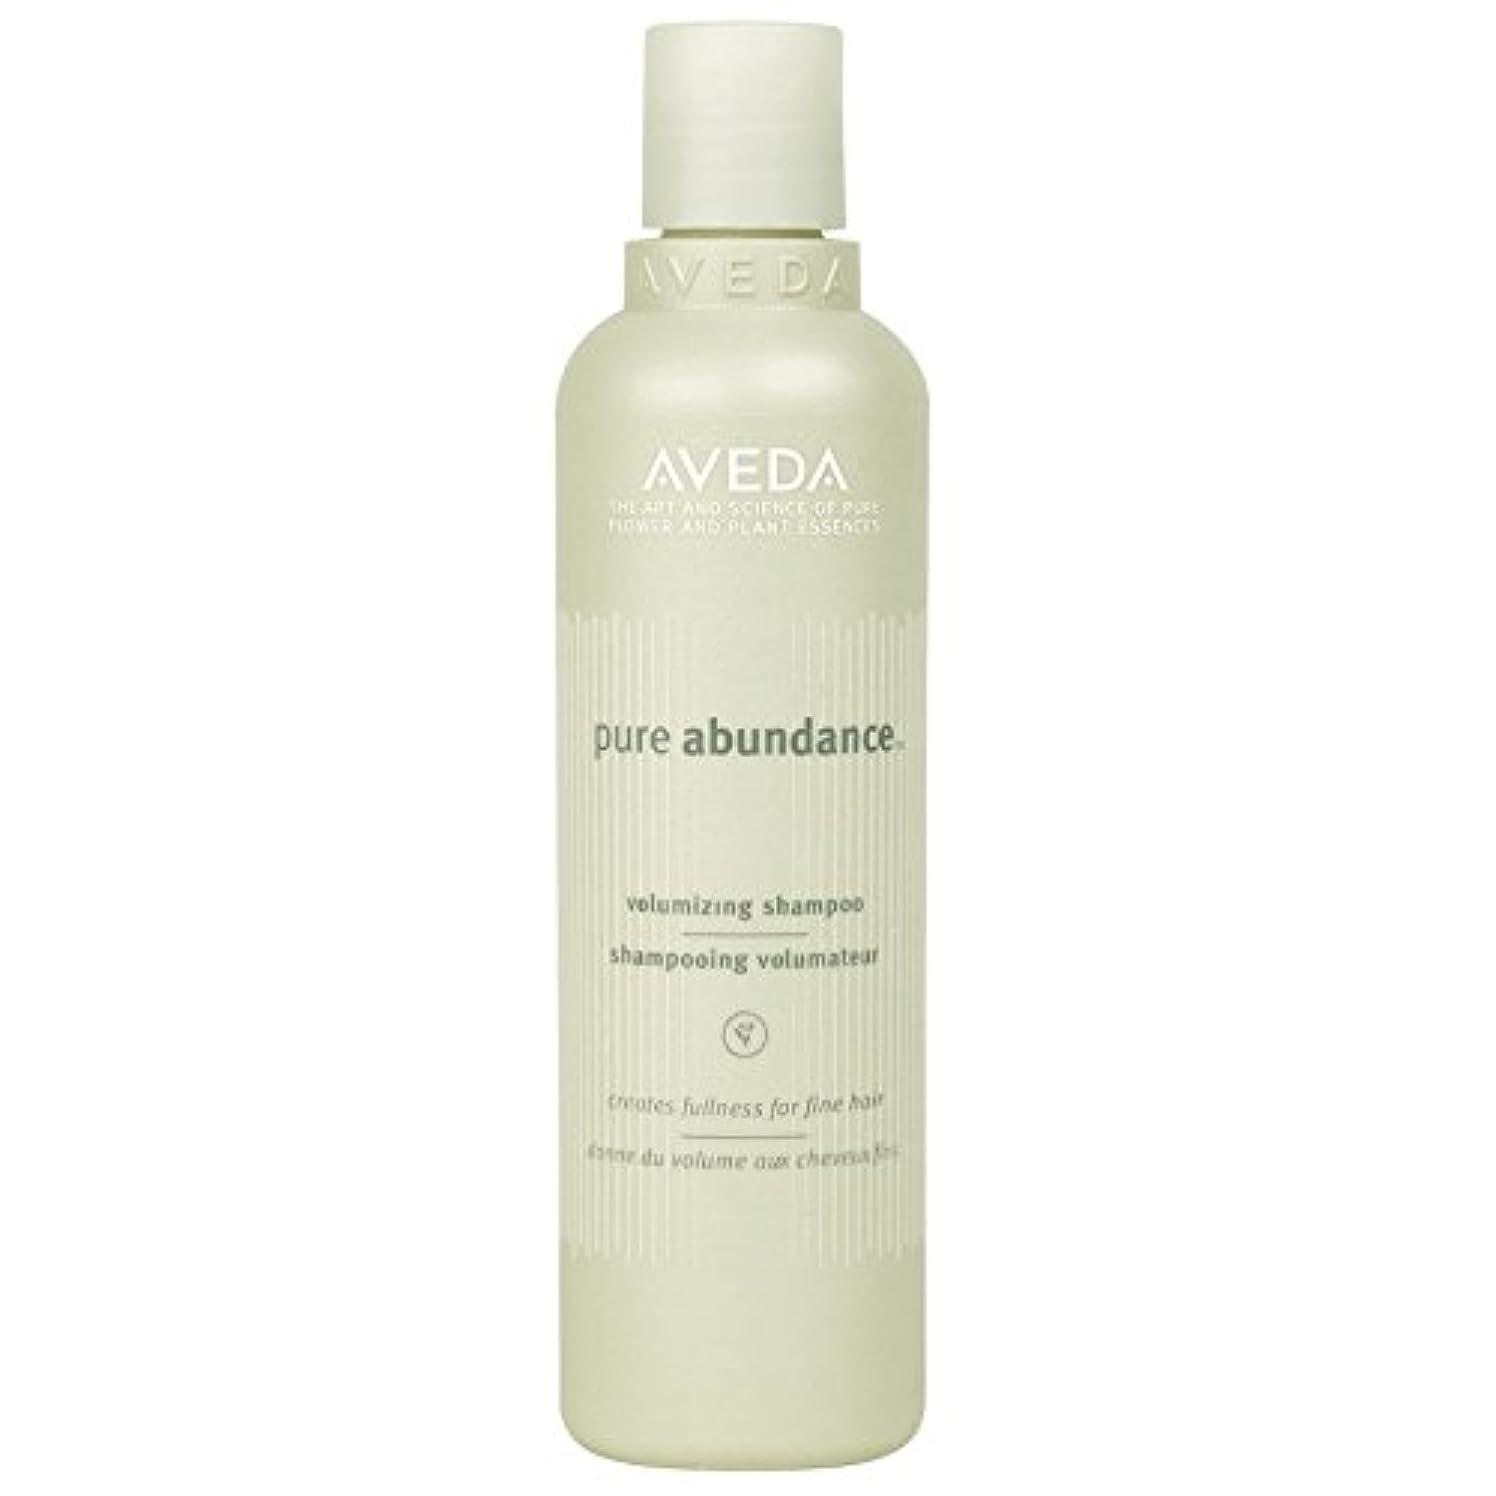 後退する維持する直径[AVEDA] アヴェダピュア豊富ボリューム化シャンプー250ミリリットル - Aveda Pure Abundance Volumizing Shampoo 250ml [並行輸入品]